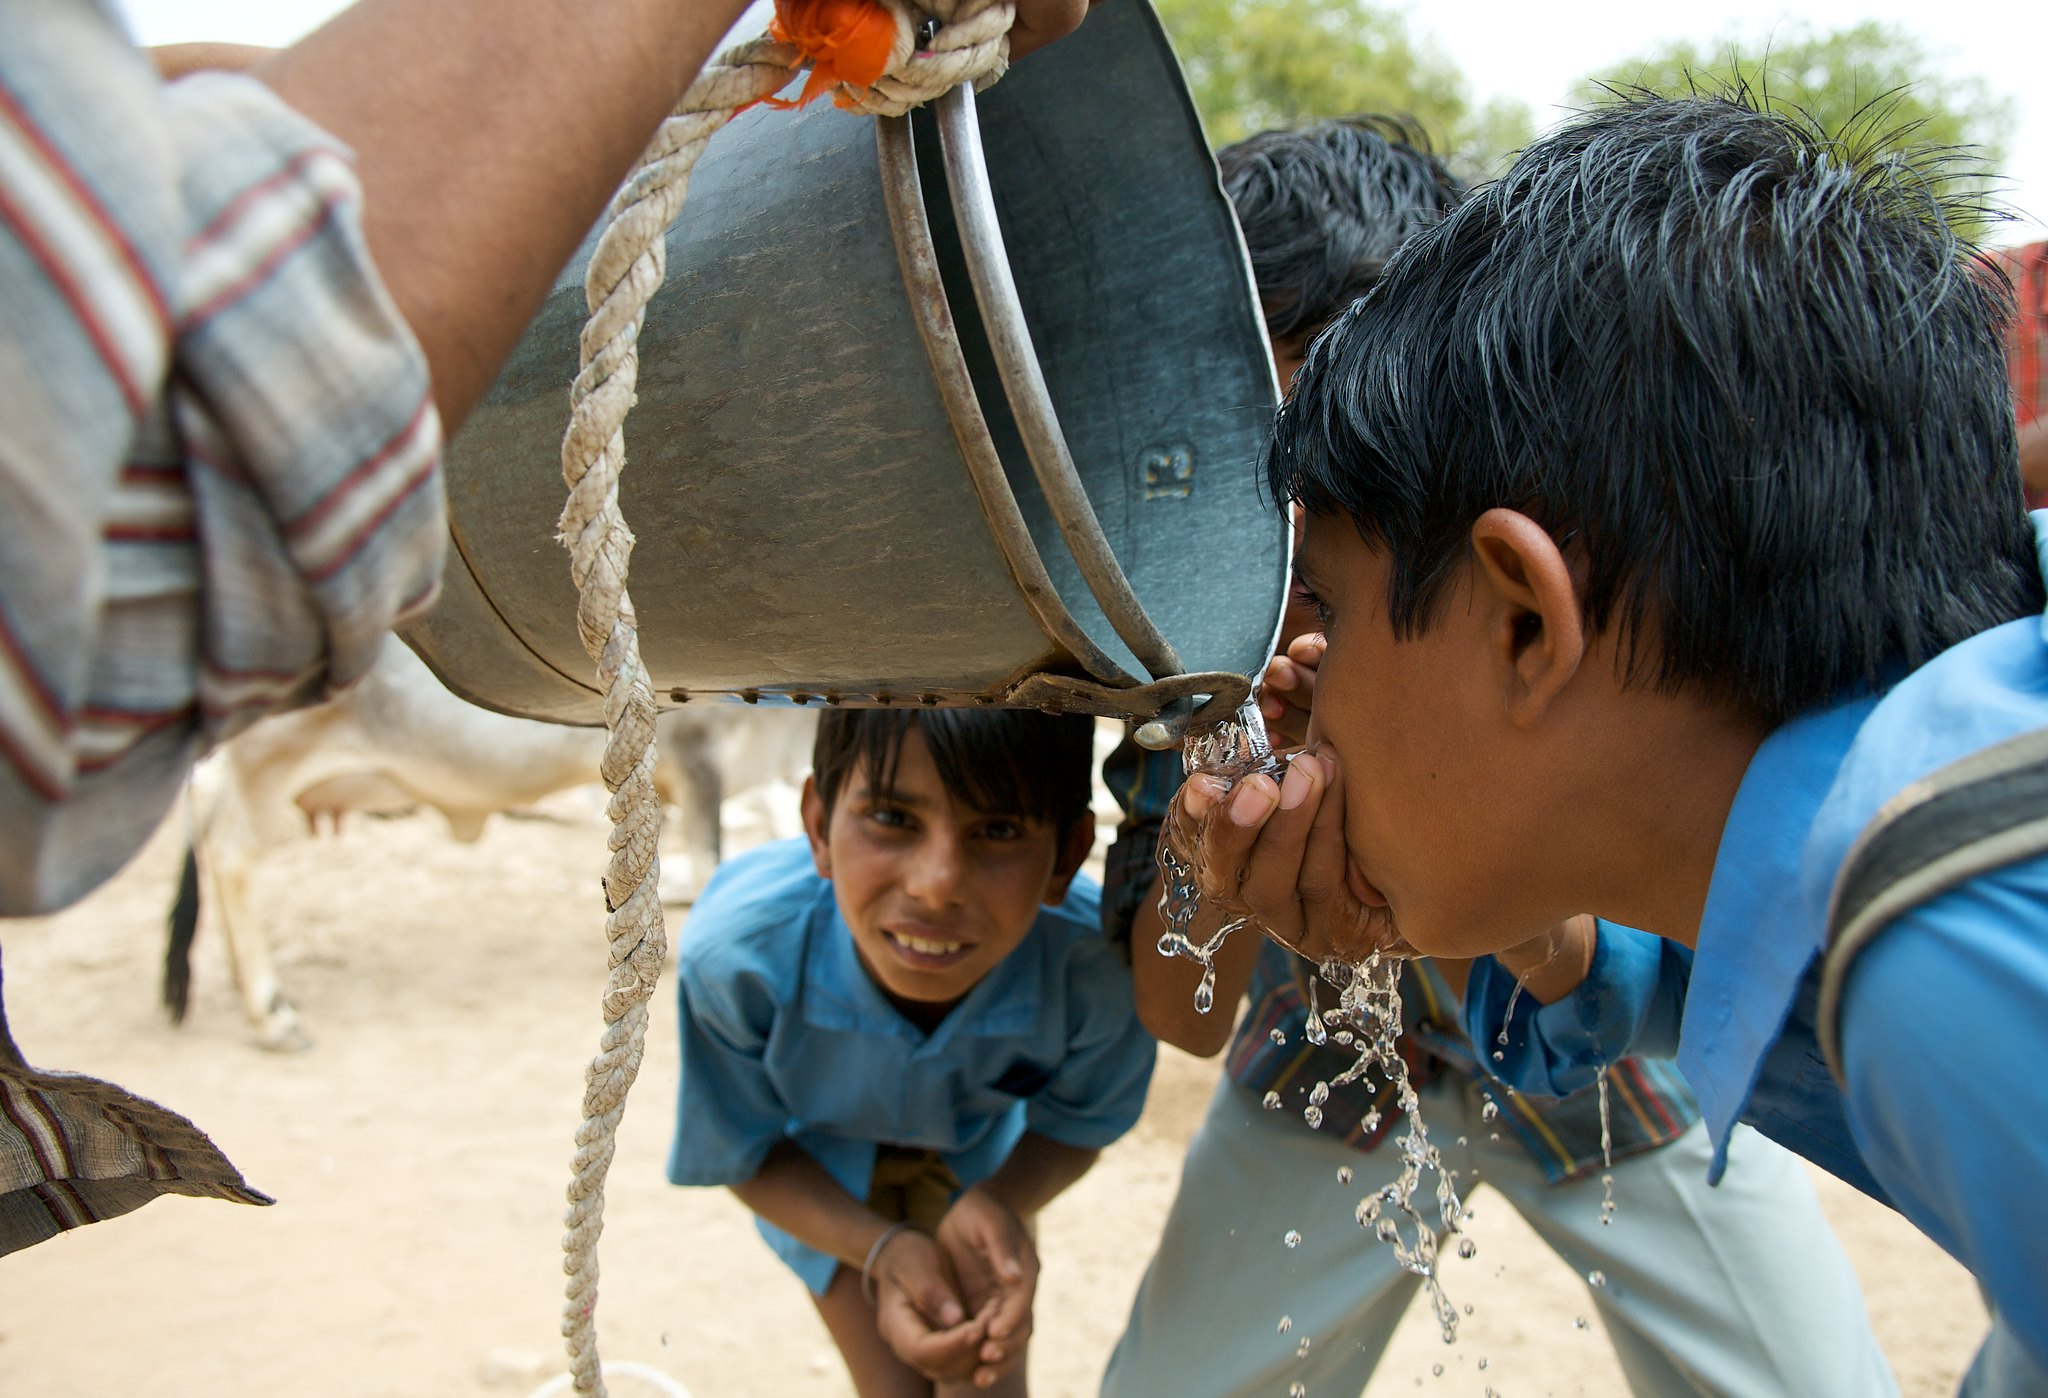 Schuljungen stillen ihren Durst. Sauberes Trinkwasser bekommen sie nur selten. Schuljungen stillen ihren Durst auf dem Nachhauseweg. In einer Region mit Wasserknappheit ist sauberes Trinkwasser selten. | Bild (Ausschnitt): © Daniel Bachhuber [CC BY-NC-ND 2.0]  - flickr